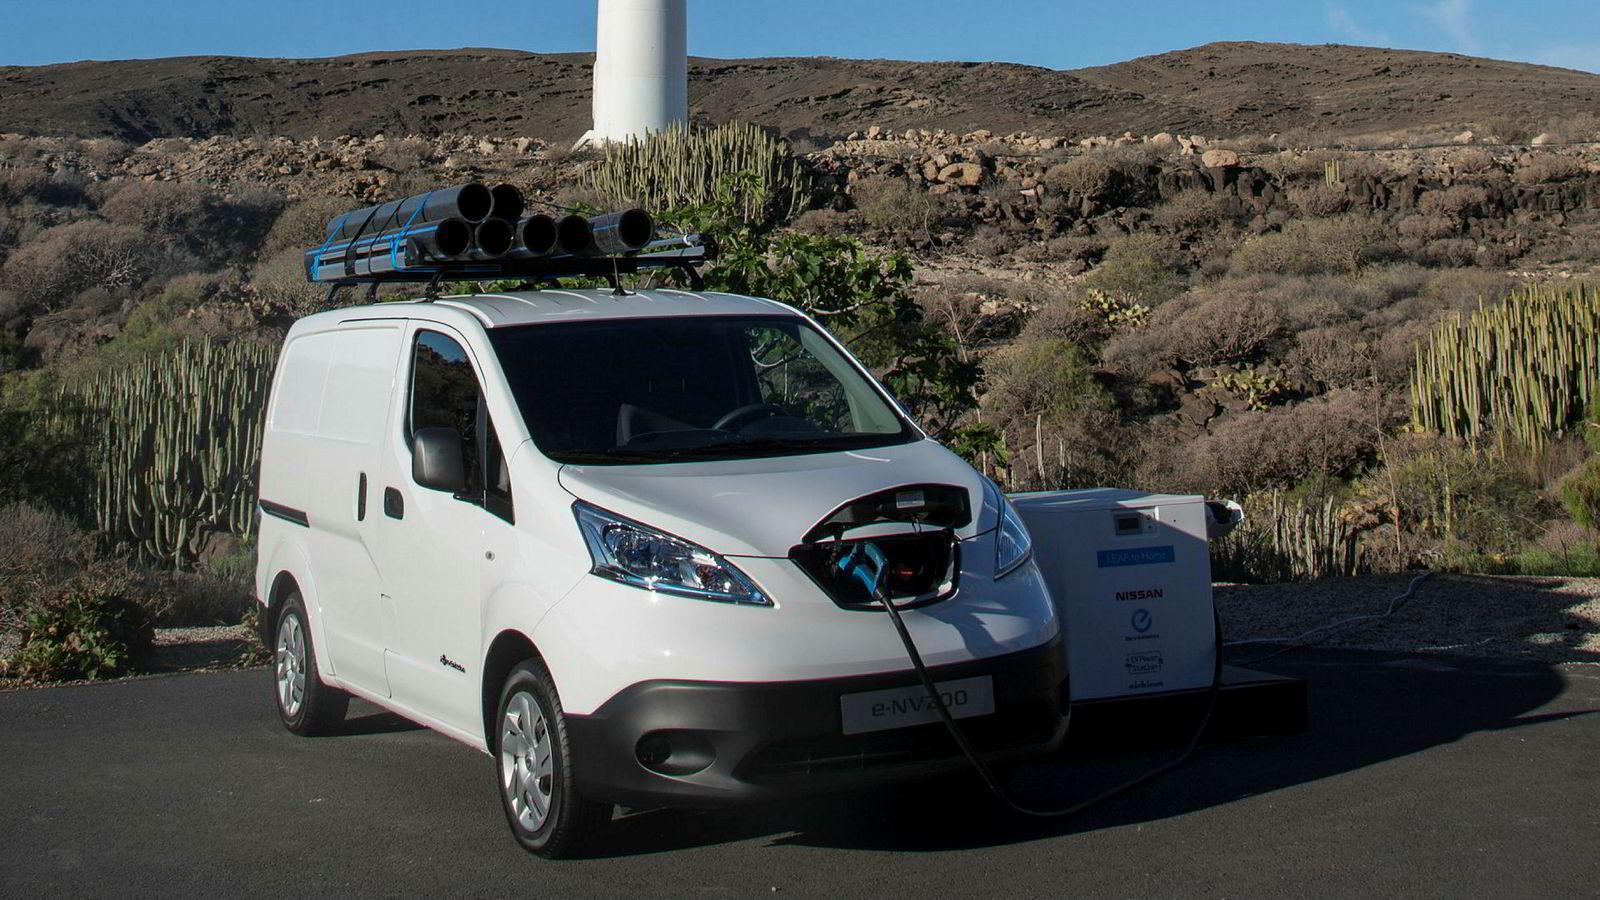 Byrådet skal legge til rette for at næringslivet velger elektriske varebiler som denne Nissan E-NV200. Kjøper du en slik i dag, får du bilen i august neste år.